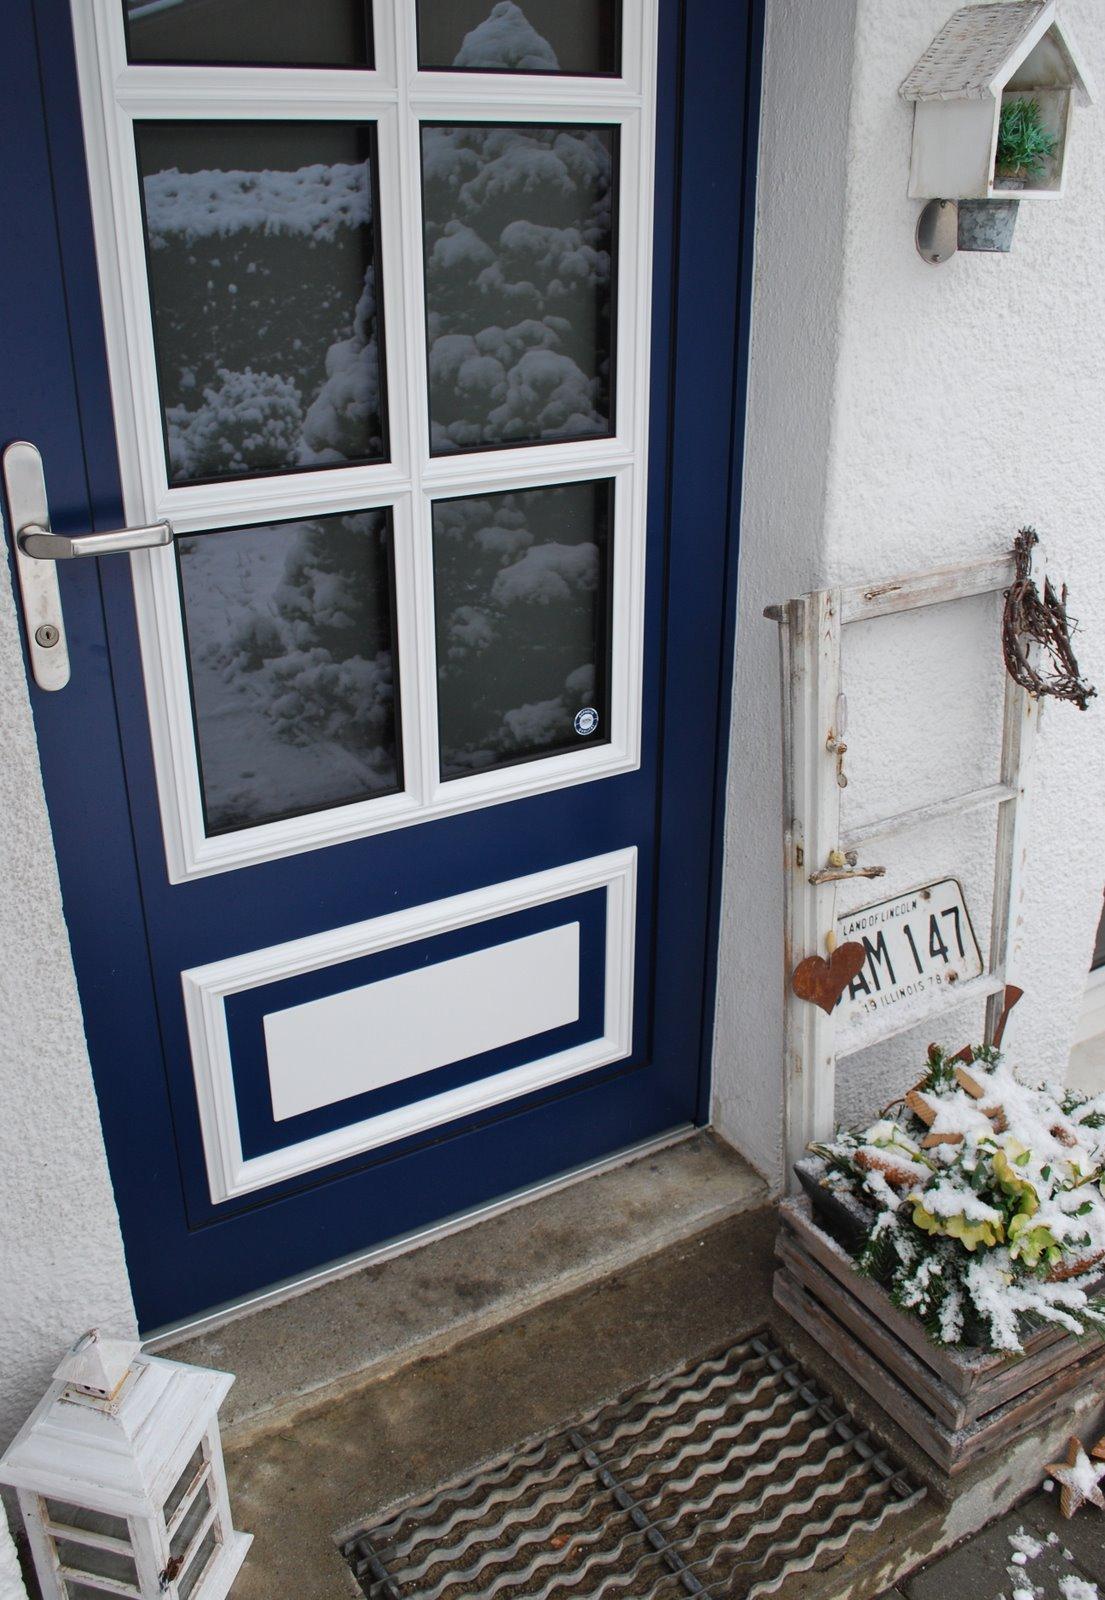 Mamas kram winterliche haust re gewinner - Winterliche dekoration ...